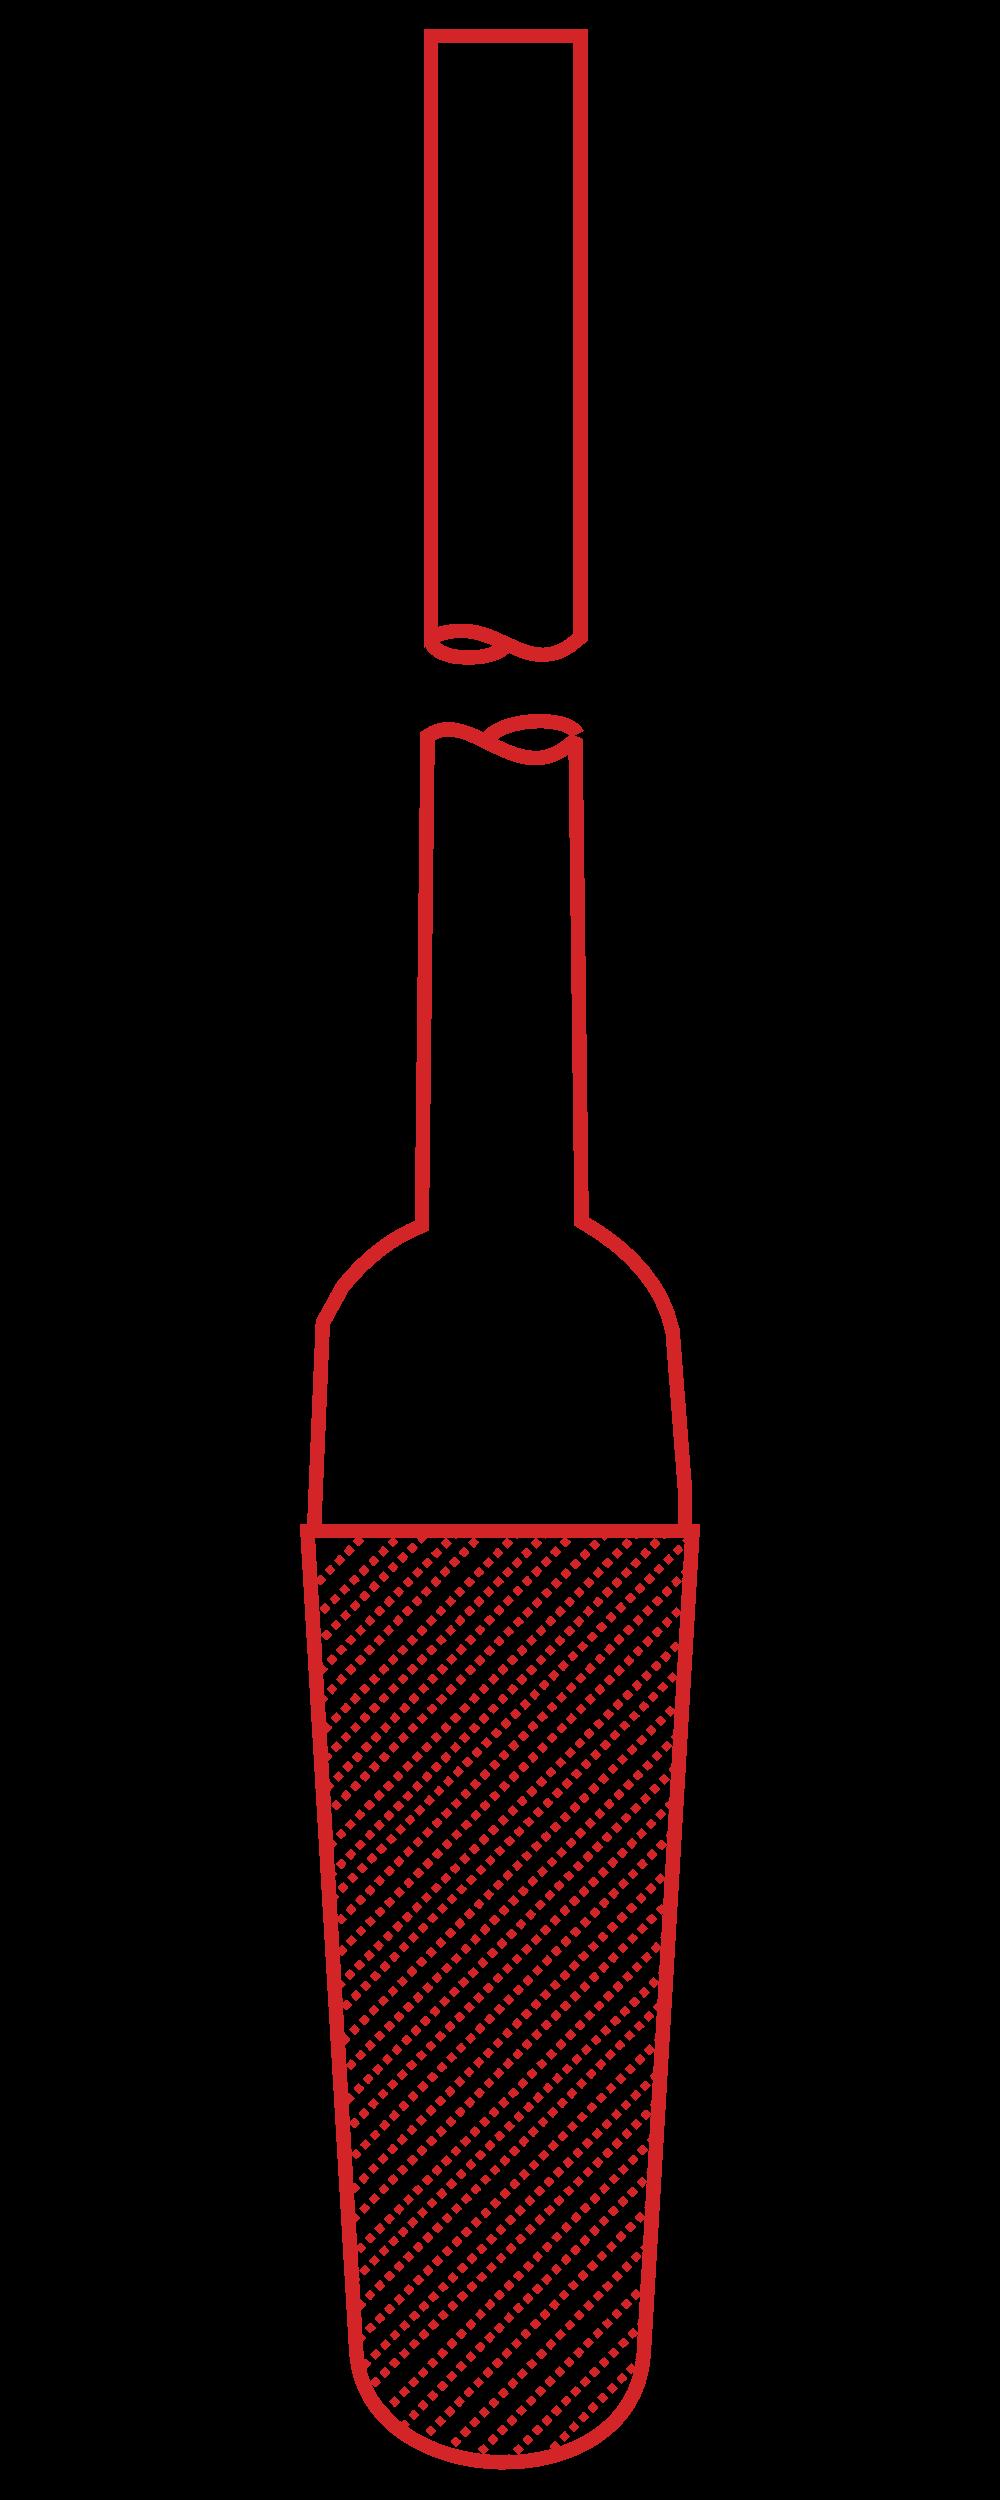 2. Winzer Laborglastechnik_Bauteile_Filterkerze mit Rohr